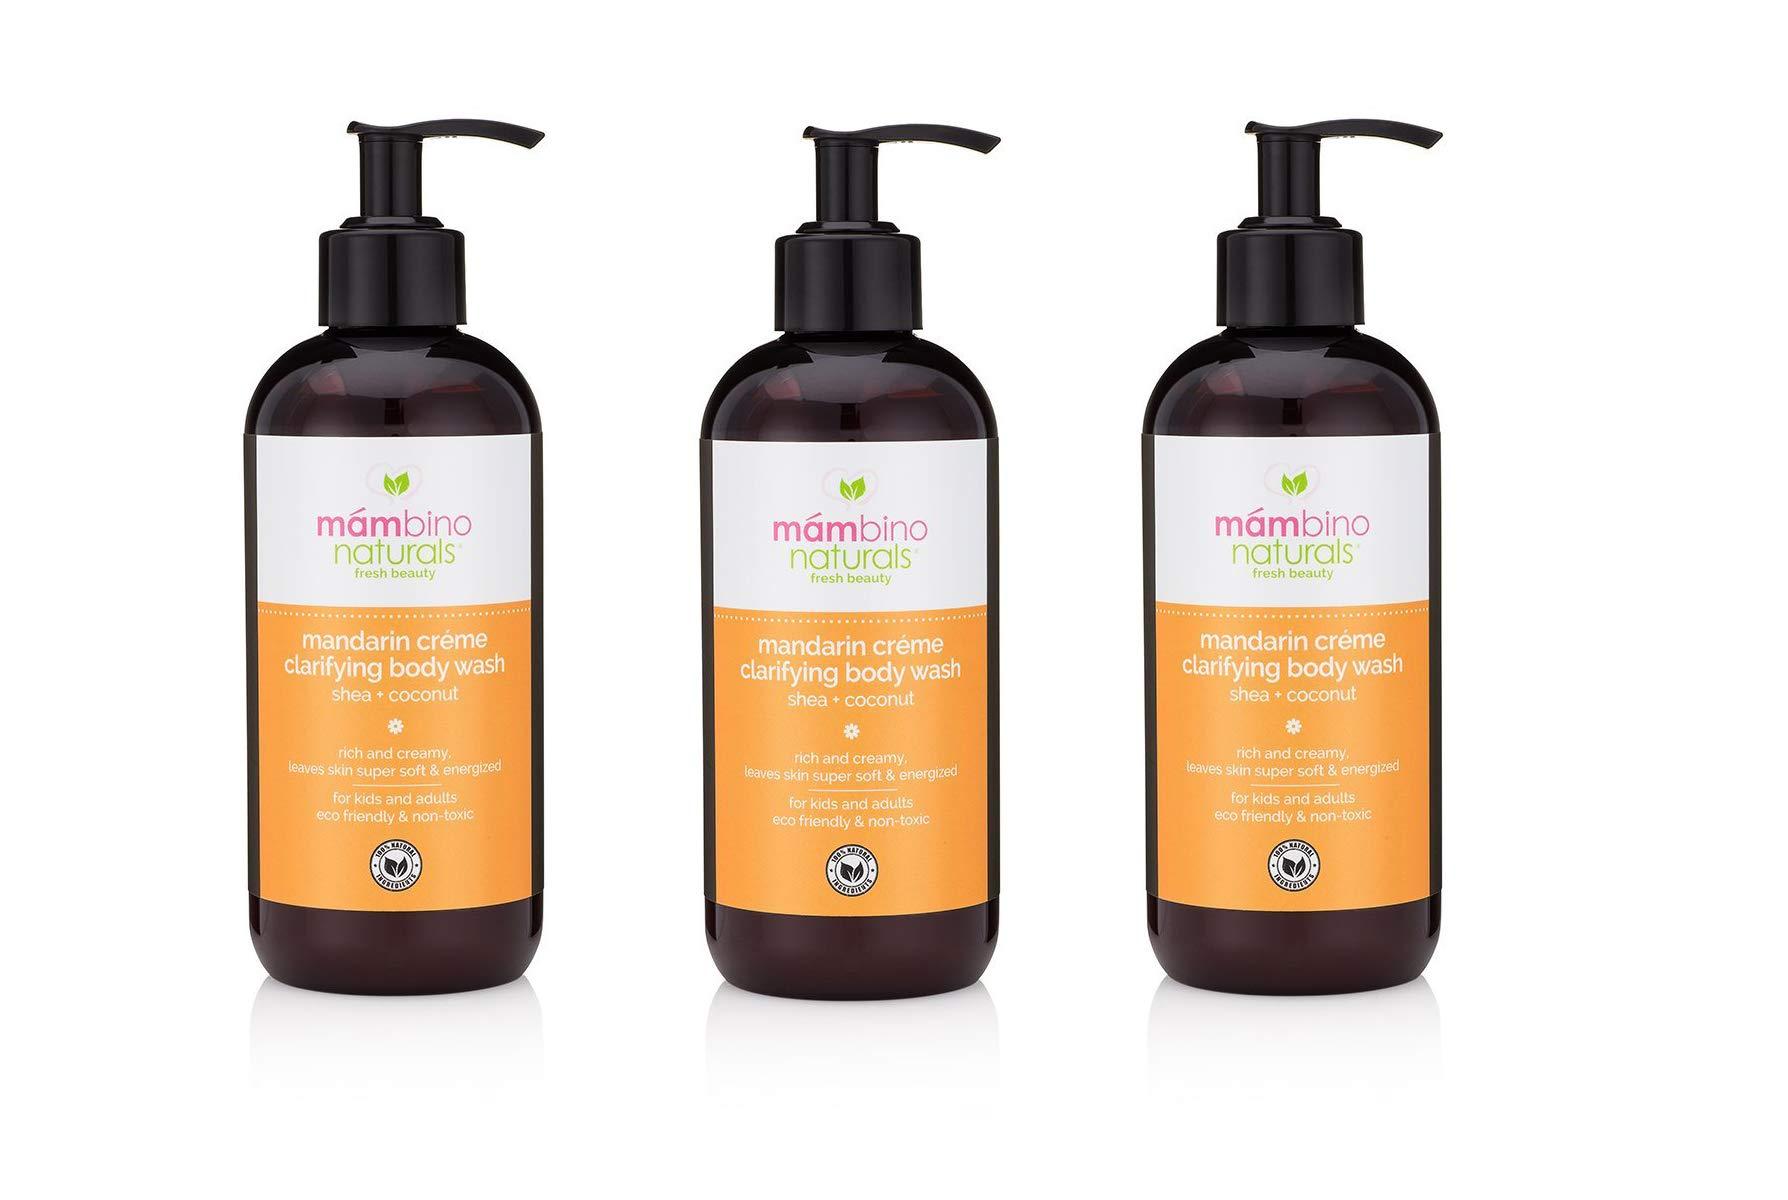 Mambino Organics Mandarin Creme Clarifying Body Wash, Shea + Coconut, 12 Fluid Ounces, 3 Pack (15% Off)